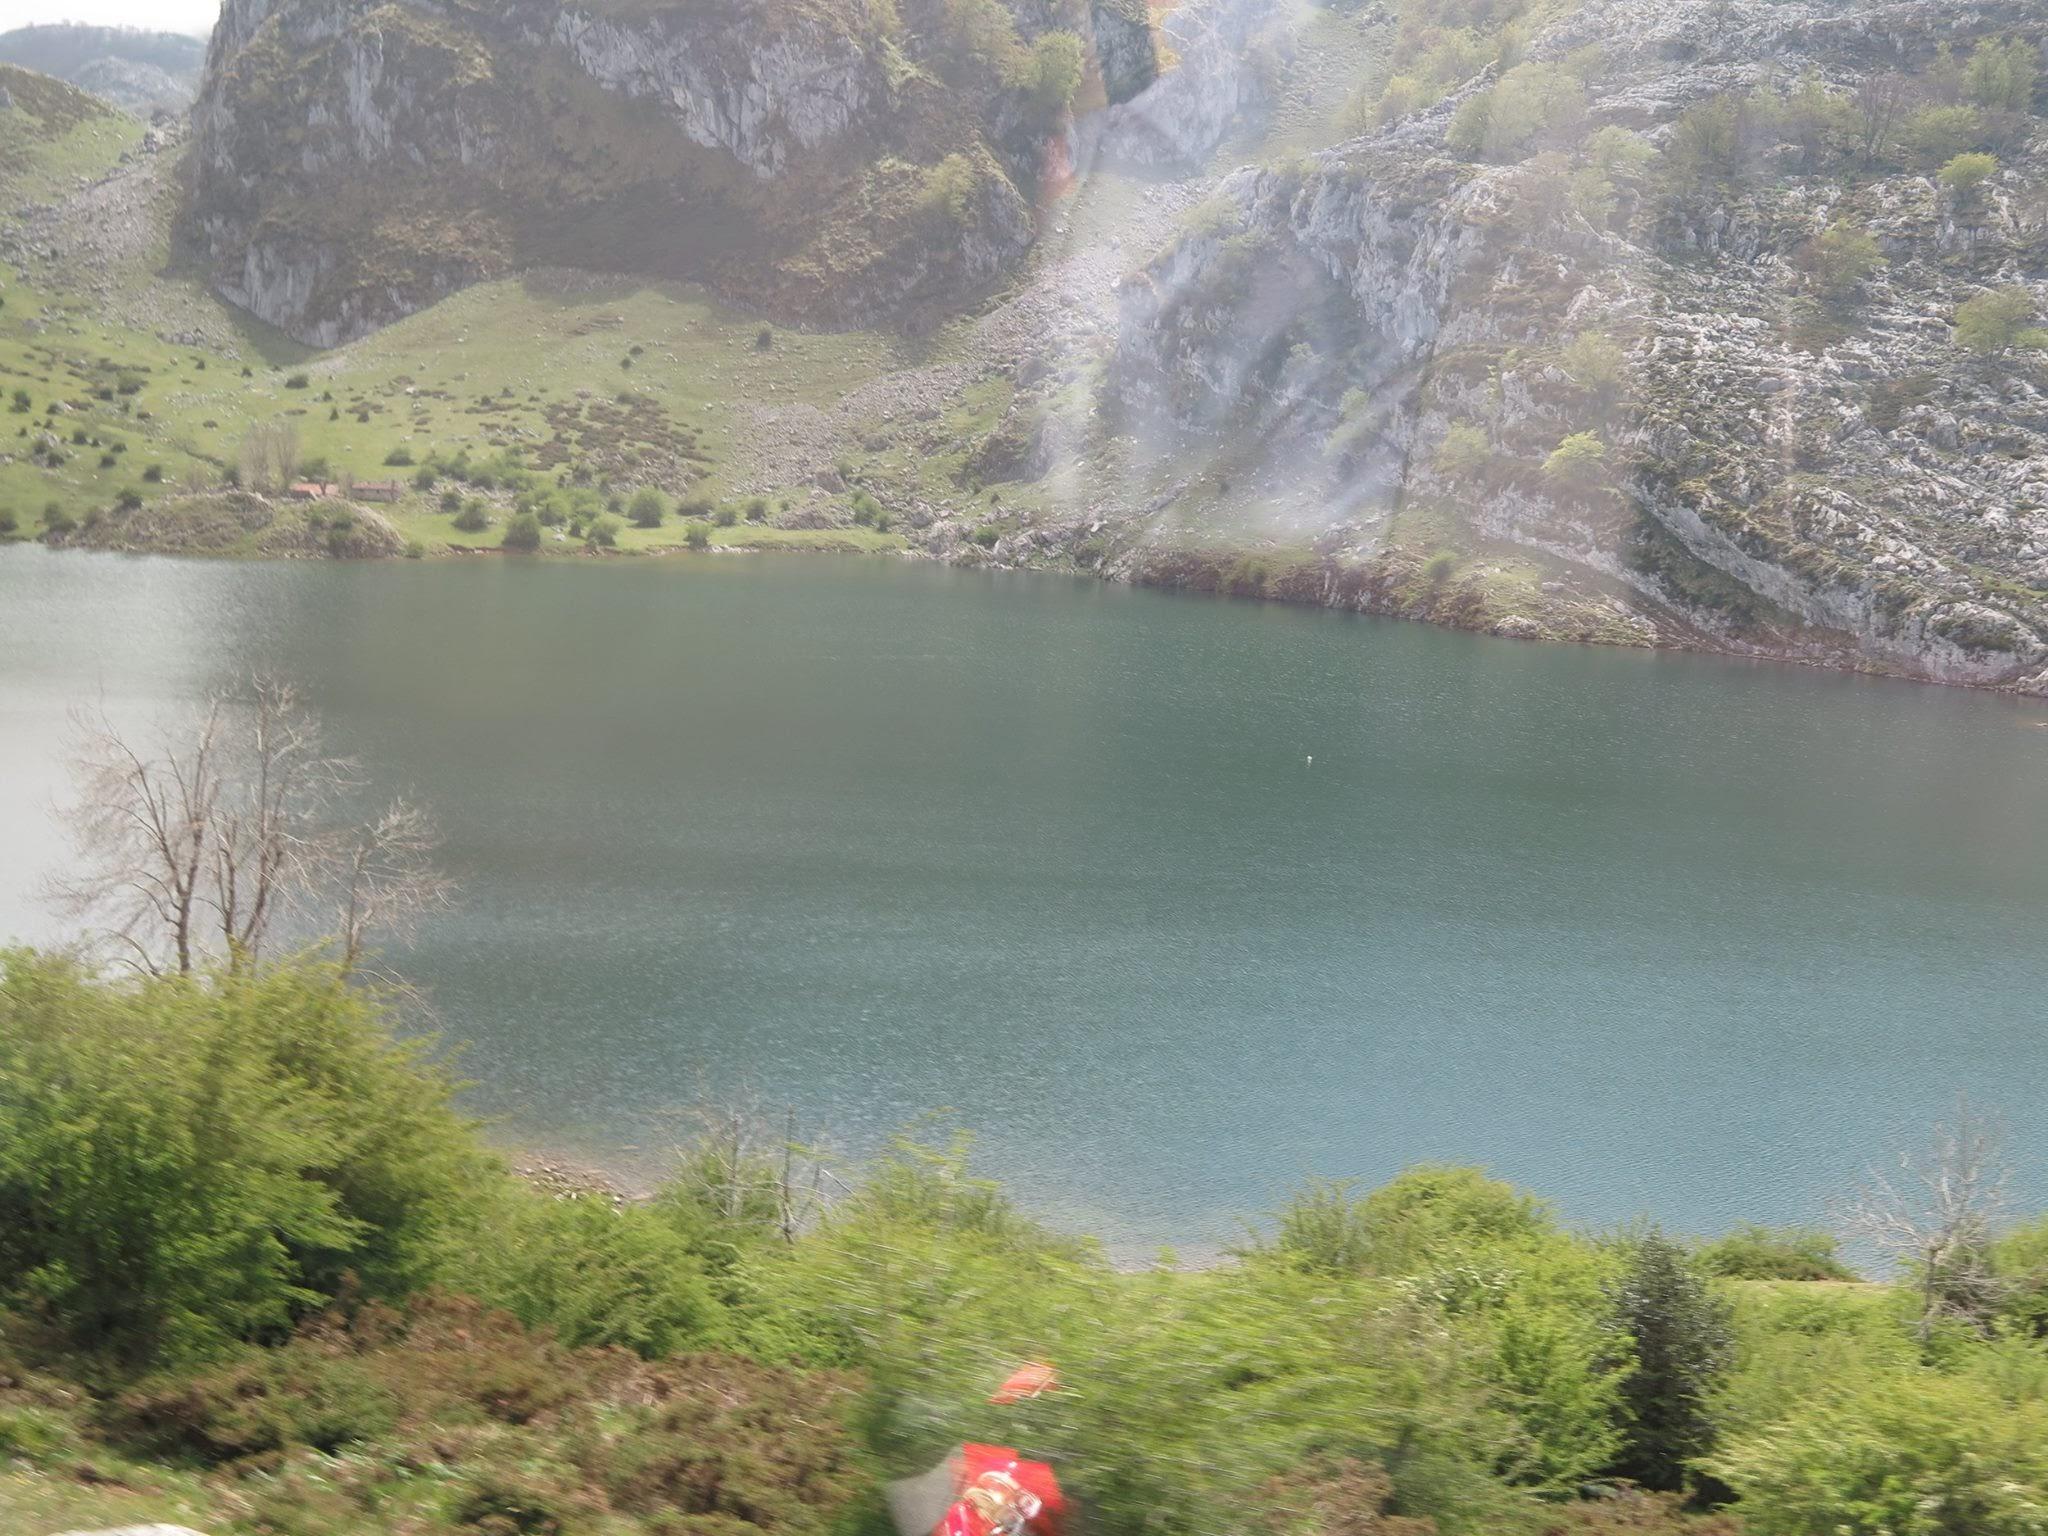 2017.05.2 y3 - Viaje Covadonga Sector Hnos. Mayores (9)